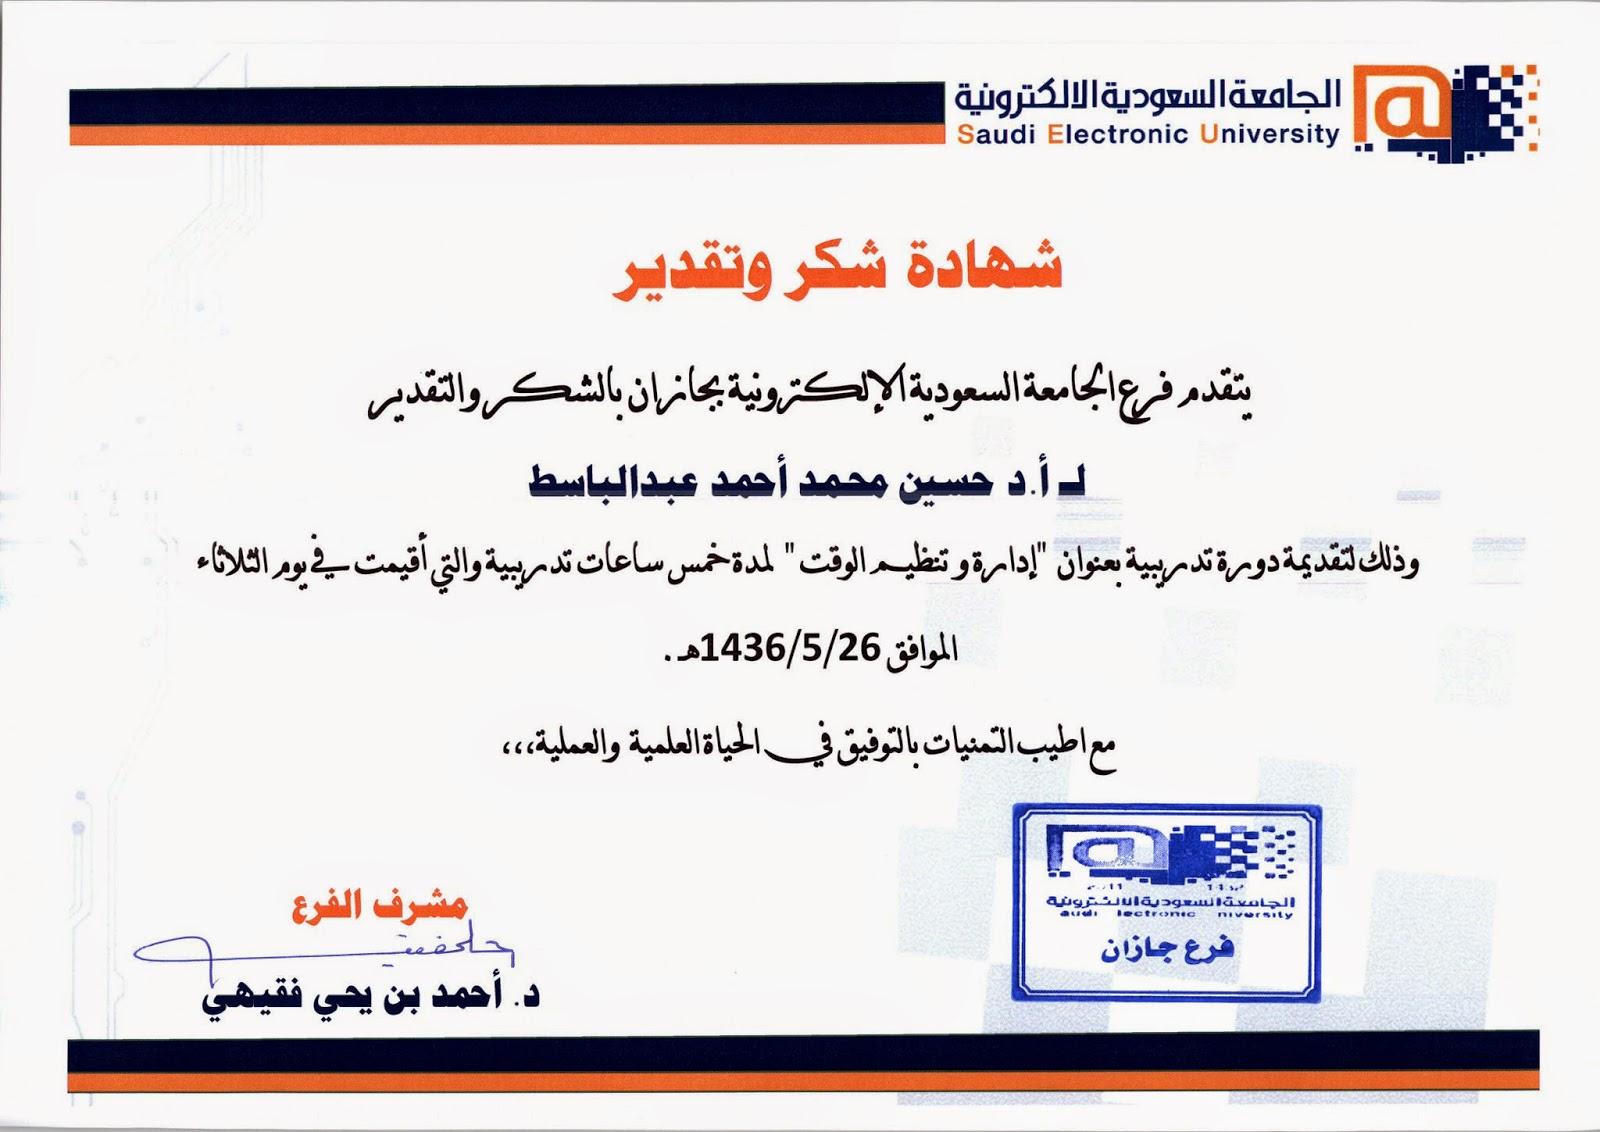 فوج ماعدا هجين الجامعة السعودية الالكترونية تقديم Findlocal Drivewayrepair Com